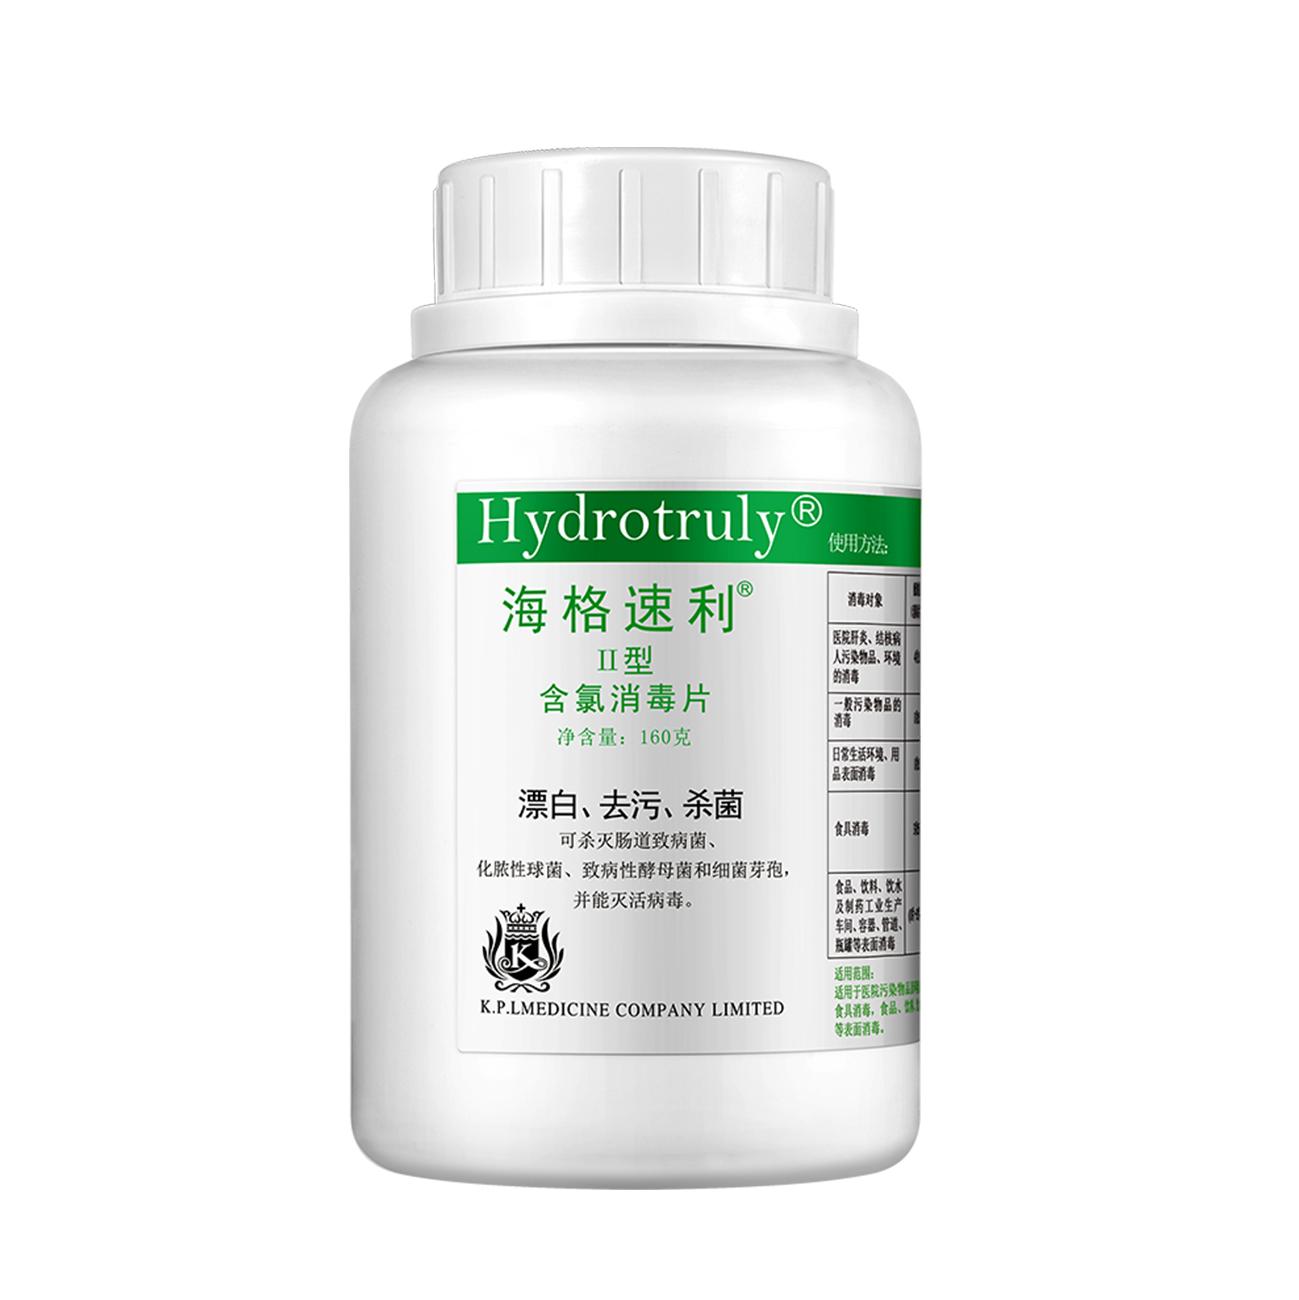 安多福含氯消毒片Ⅱ型